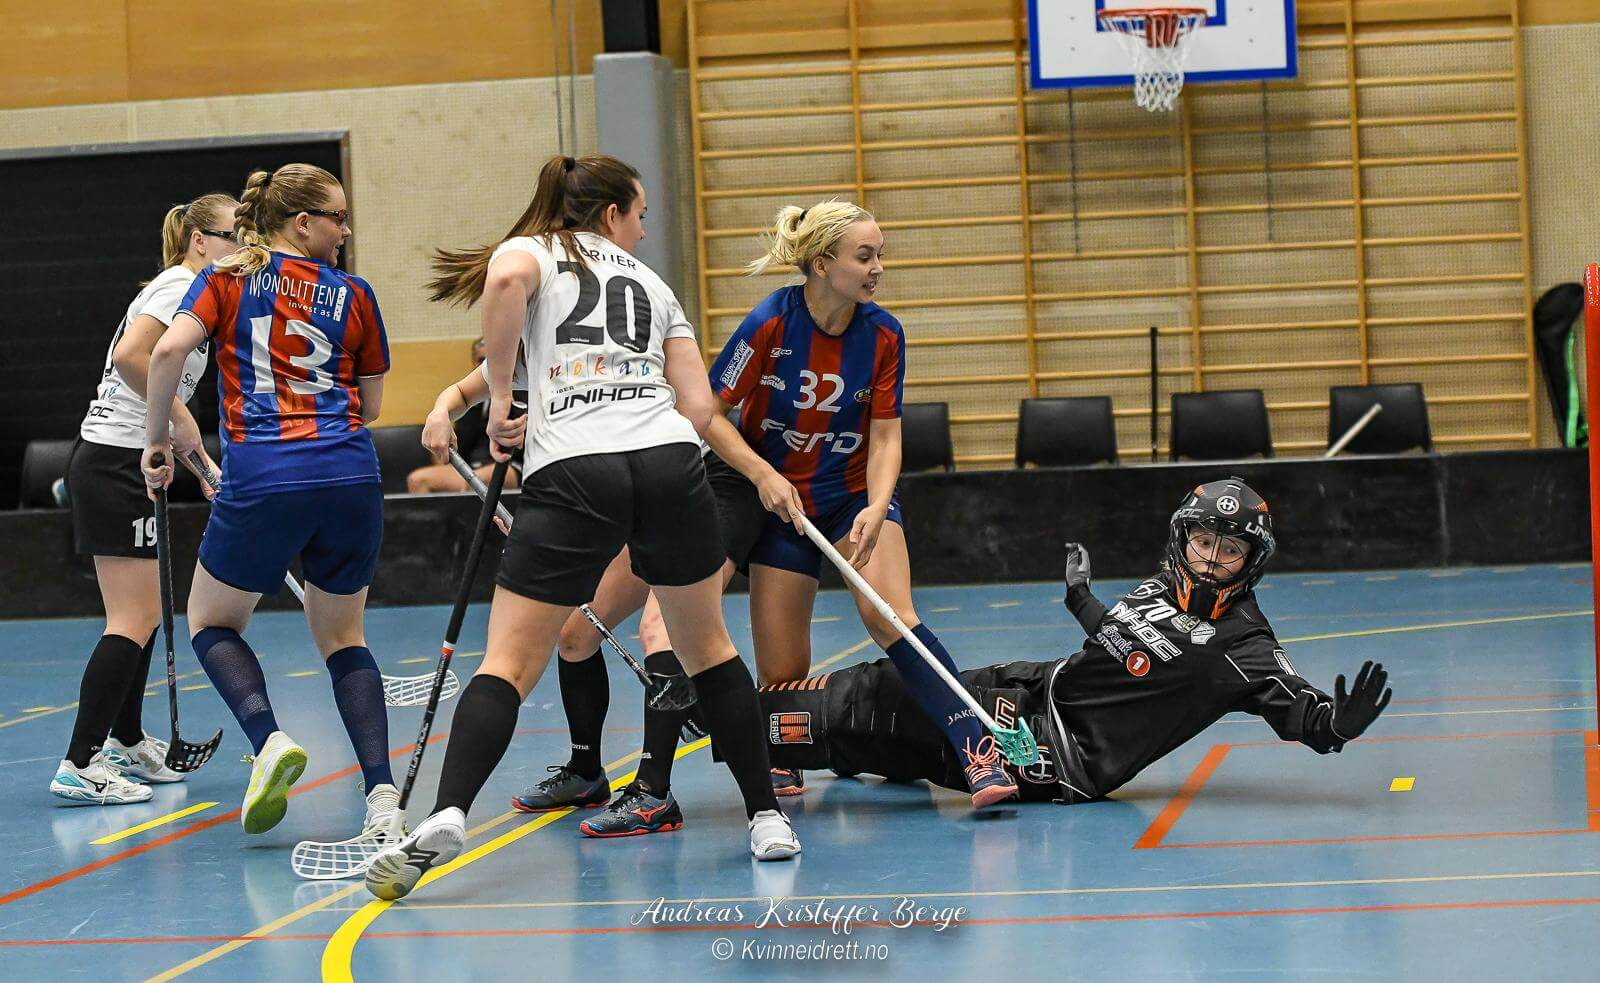 Bilder fra Monolittens kamp i eliteserien for kvinner mot Gjelleråsen 9. desember 2020.